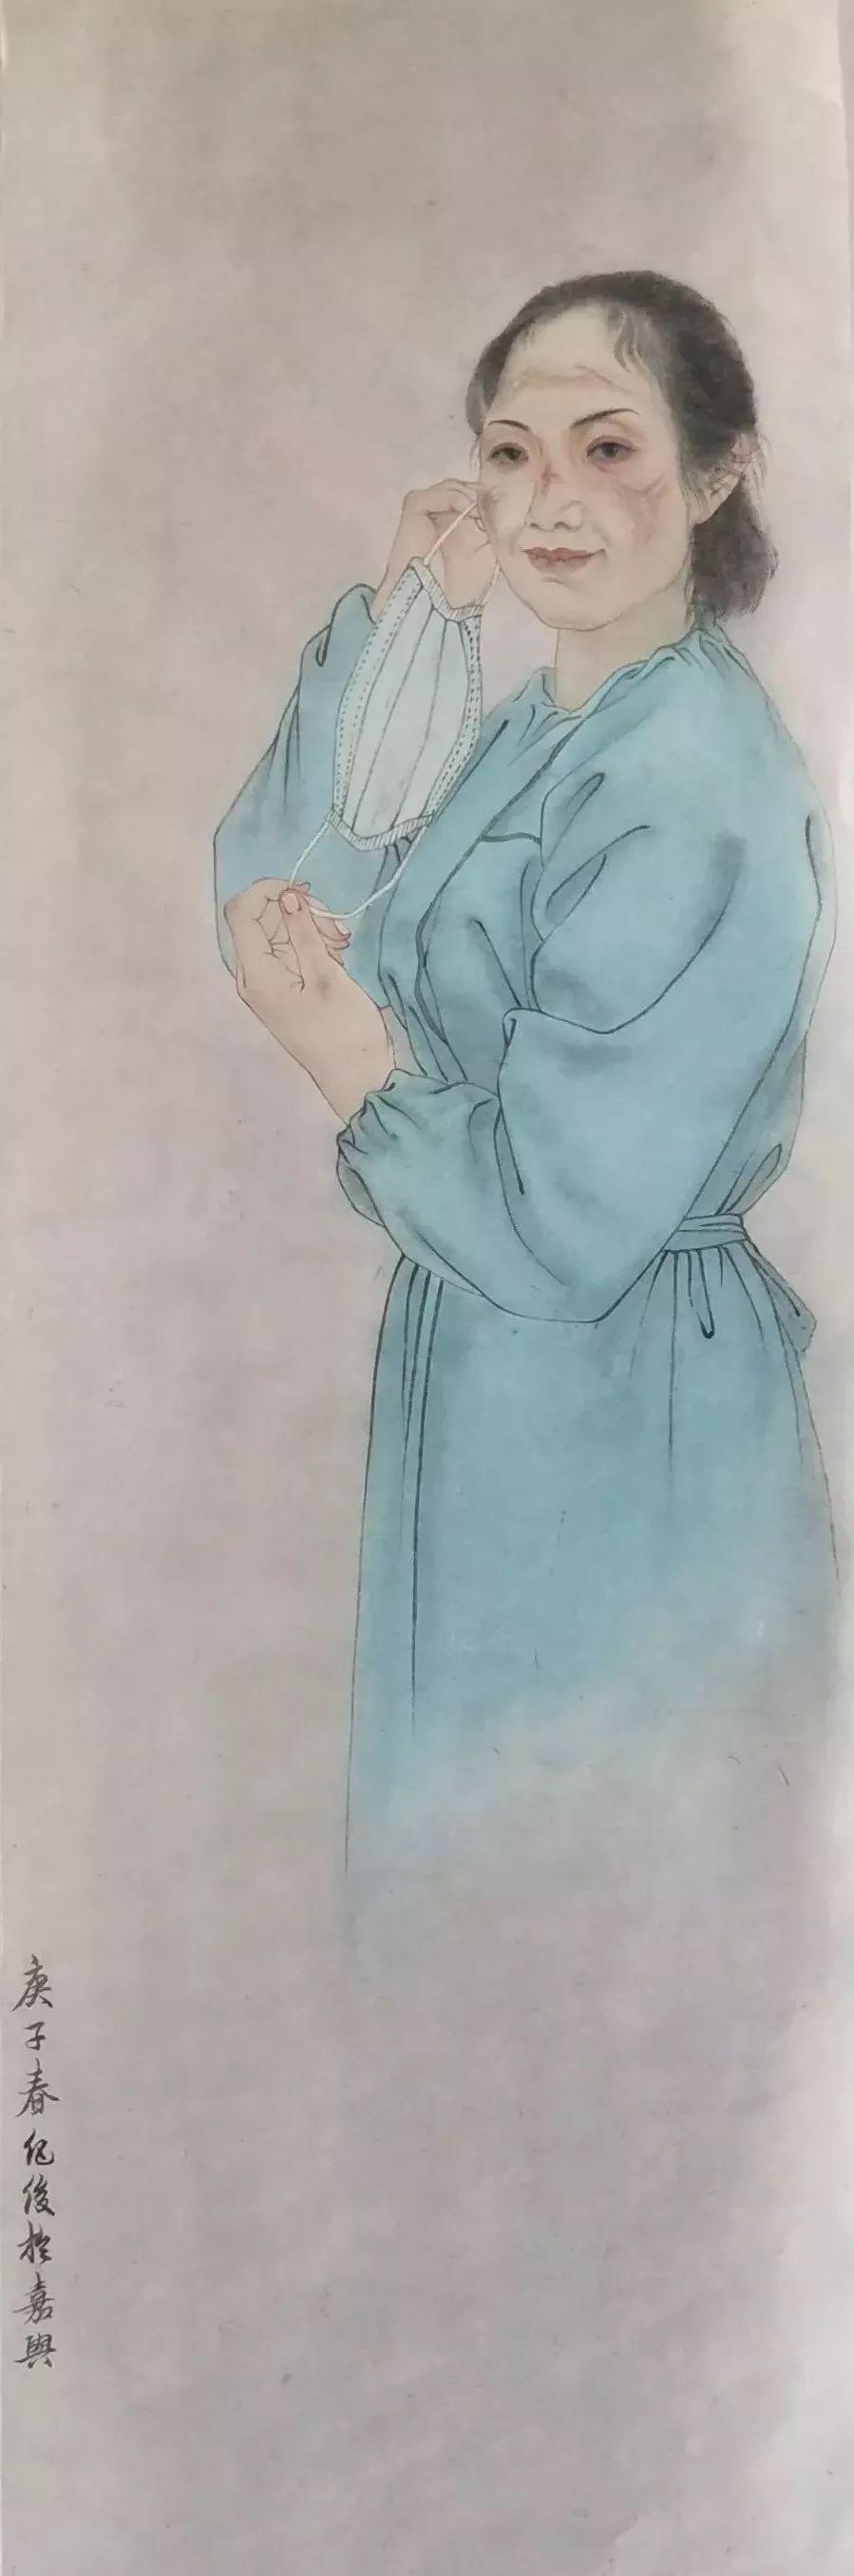 疫情当前,九大美院及千名画家用作品为武汉加油!看后暖哭了…插图29